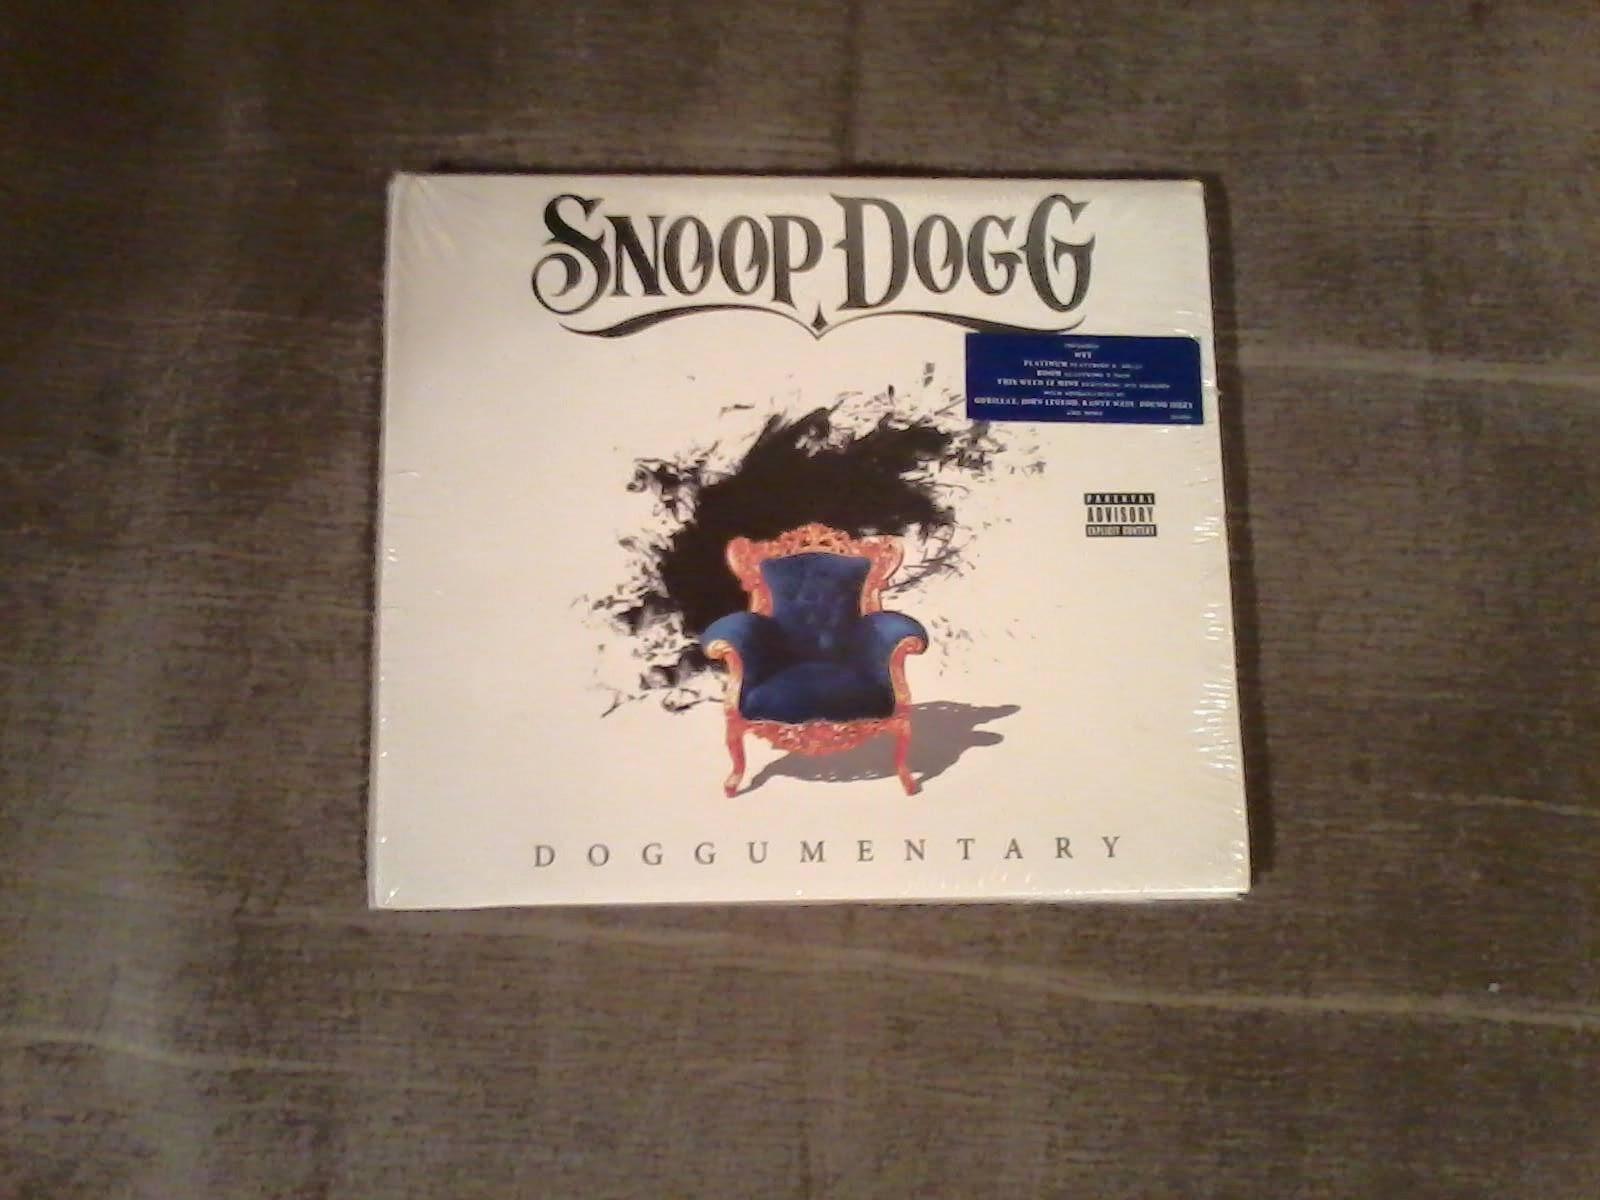 Wayne's Hip Hop Blog : The Snoop Dogg Project